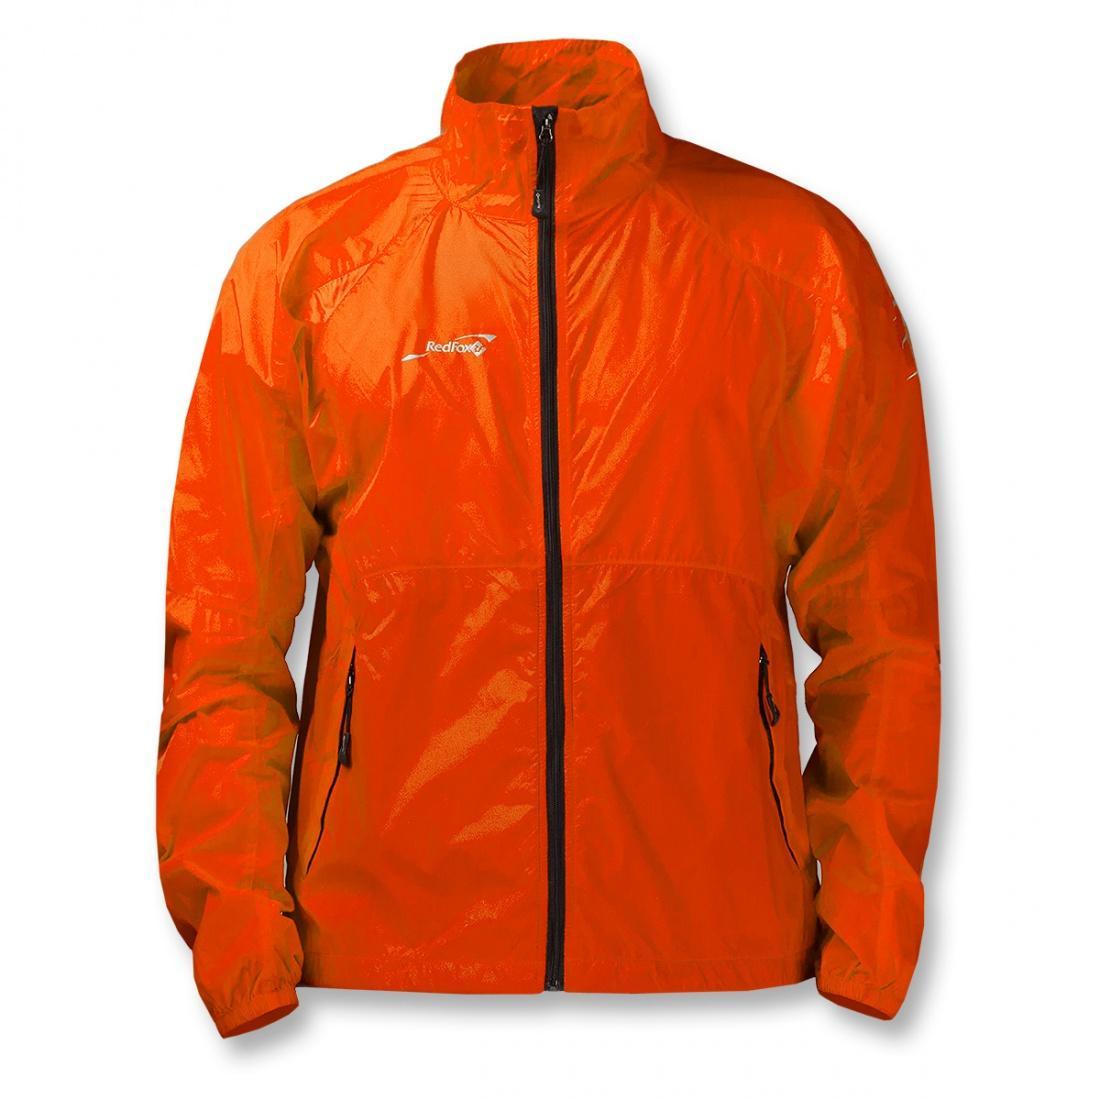 Куртка ветрозащитная Trek Light IIКуртки<br><br> Очень легкая куртка для мультиспортсменов. Отлично сочетает в себе функции защиты от ветра и максимальной свободы движений. Куртку мож...<br><br>Цвет: Оранжевый<br>Размер: 54